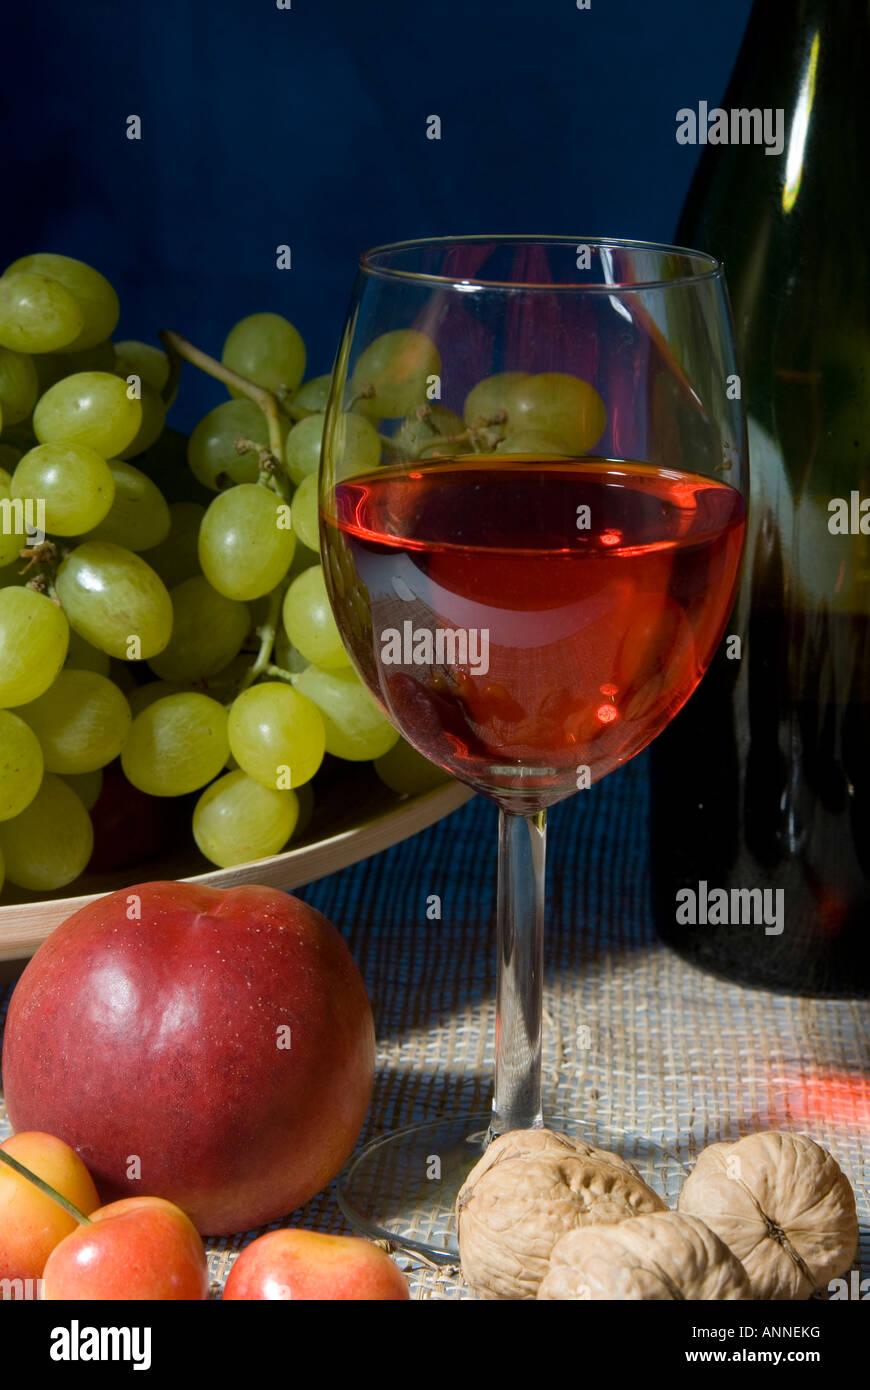 Bodegón clásico con un colorido plato de frutas y una botella de vino con un wineglasses sobre un fondo Imagen De Stock